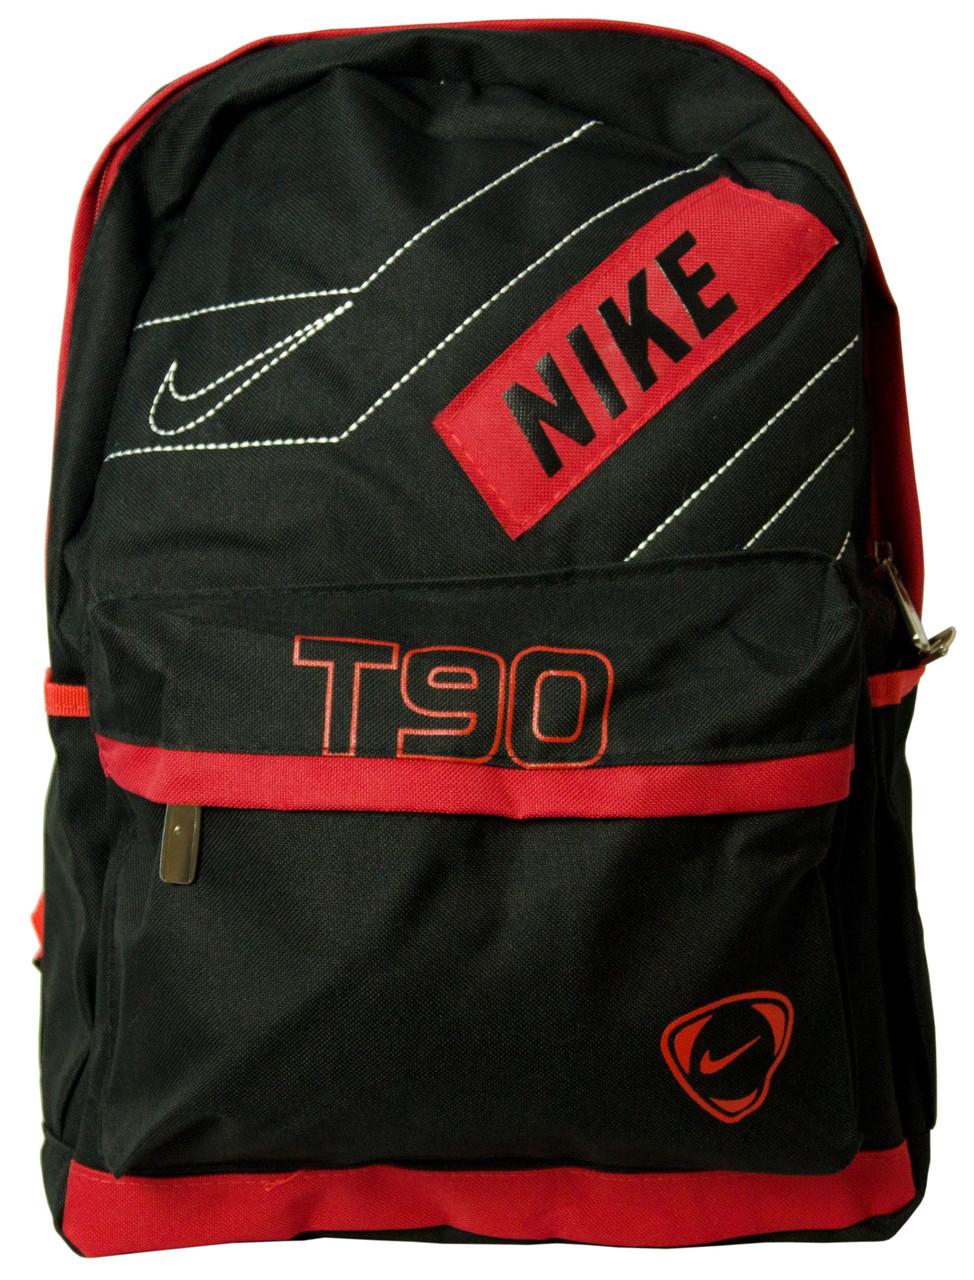 Рюкзак Bag 7118-H red, черный/красный 13 л